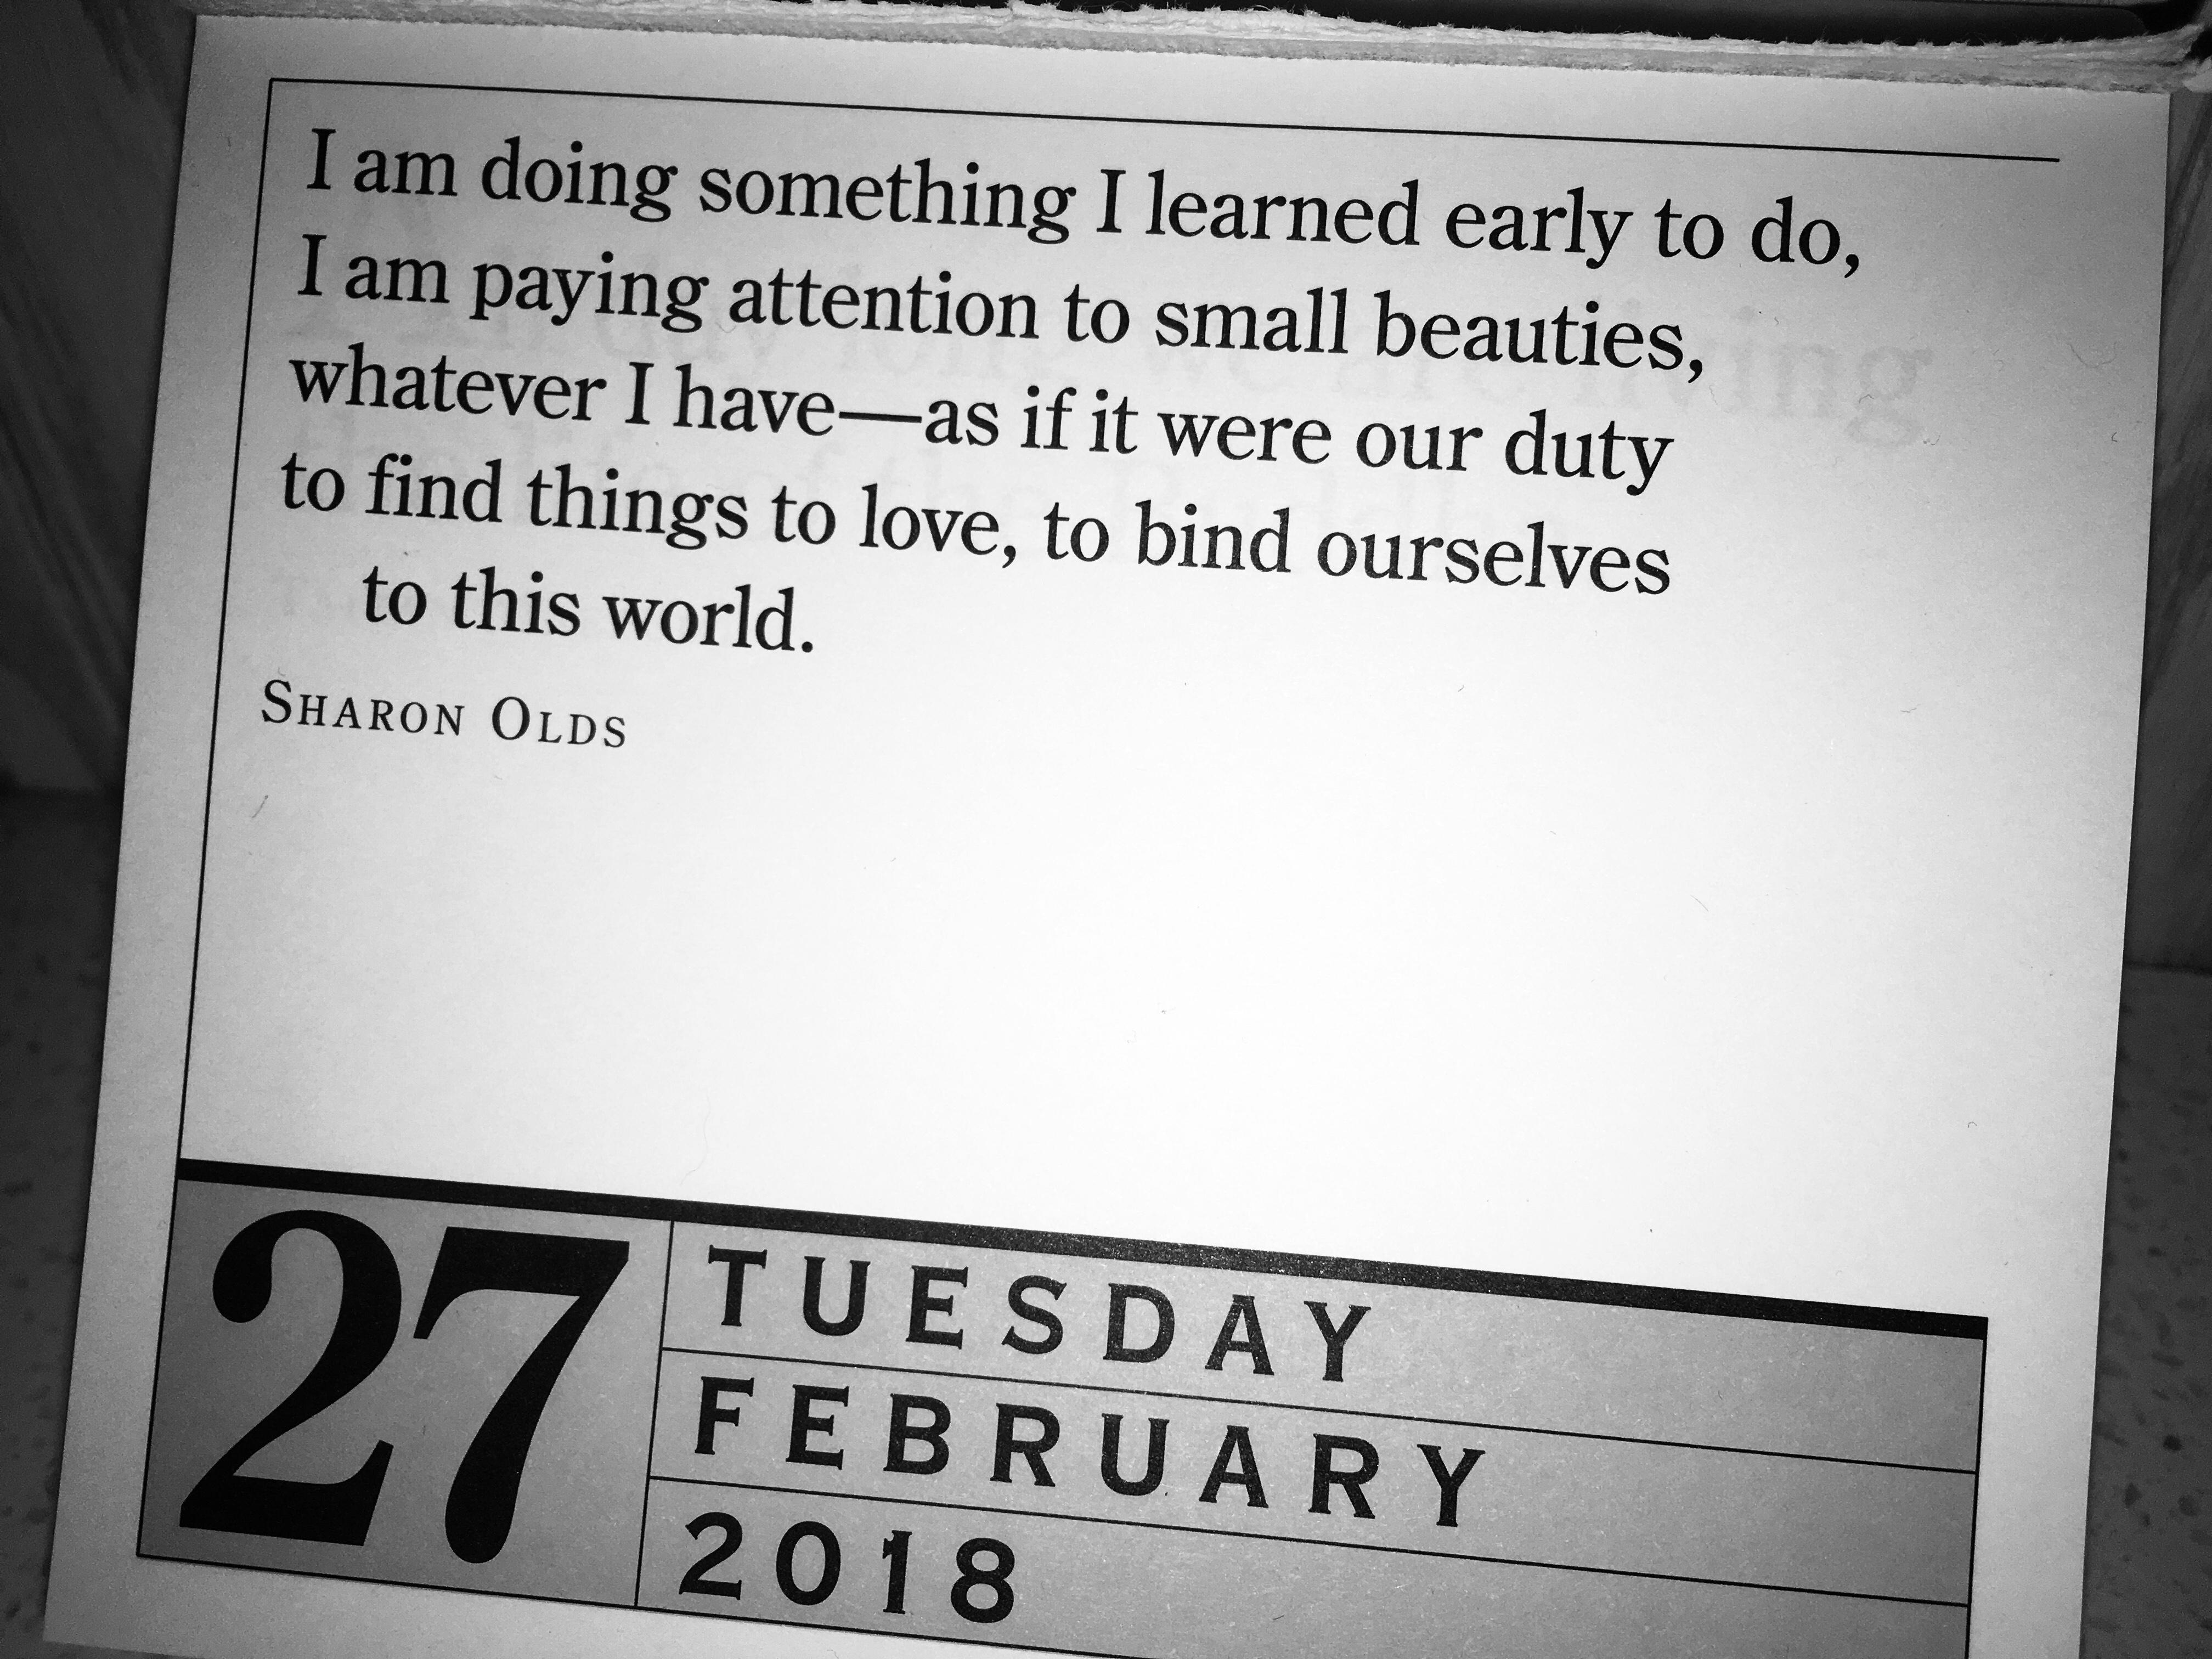 Today's Daily Zen